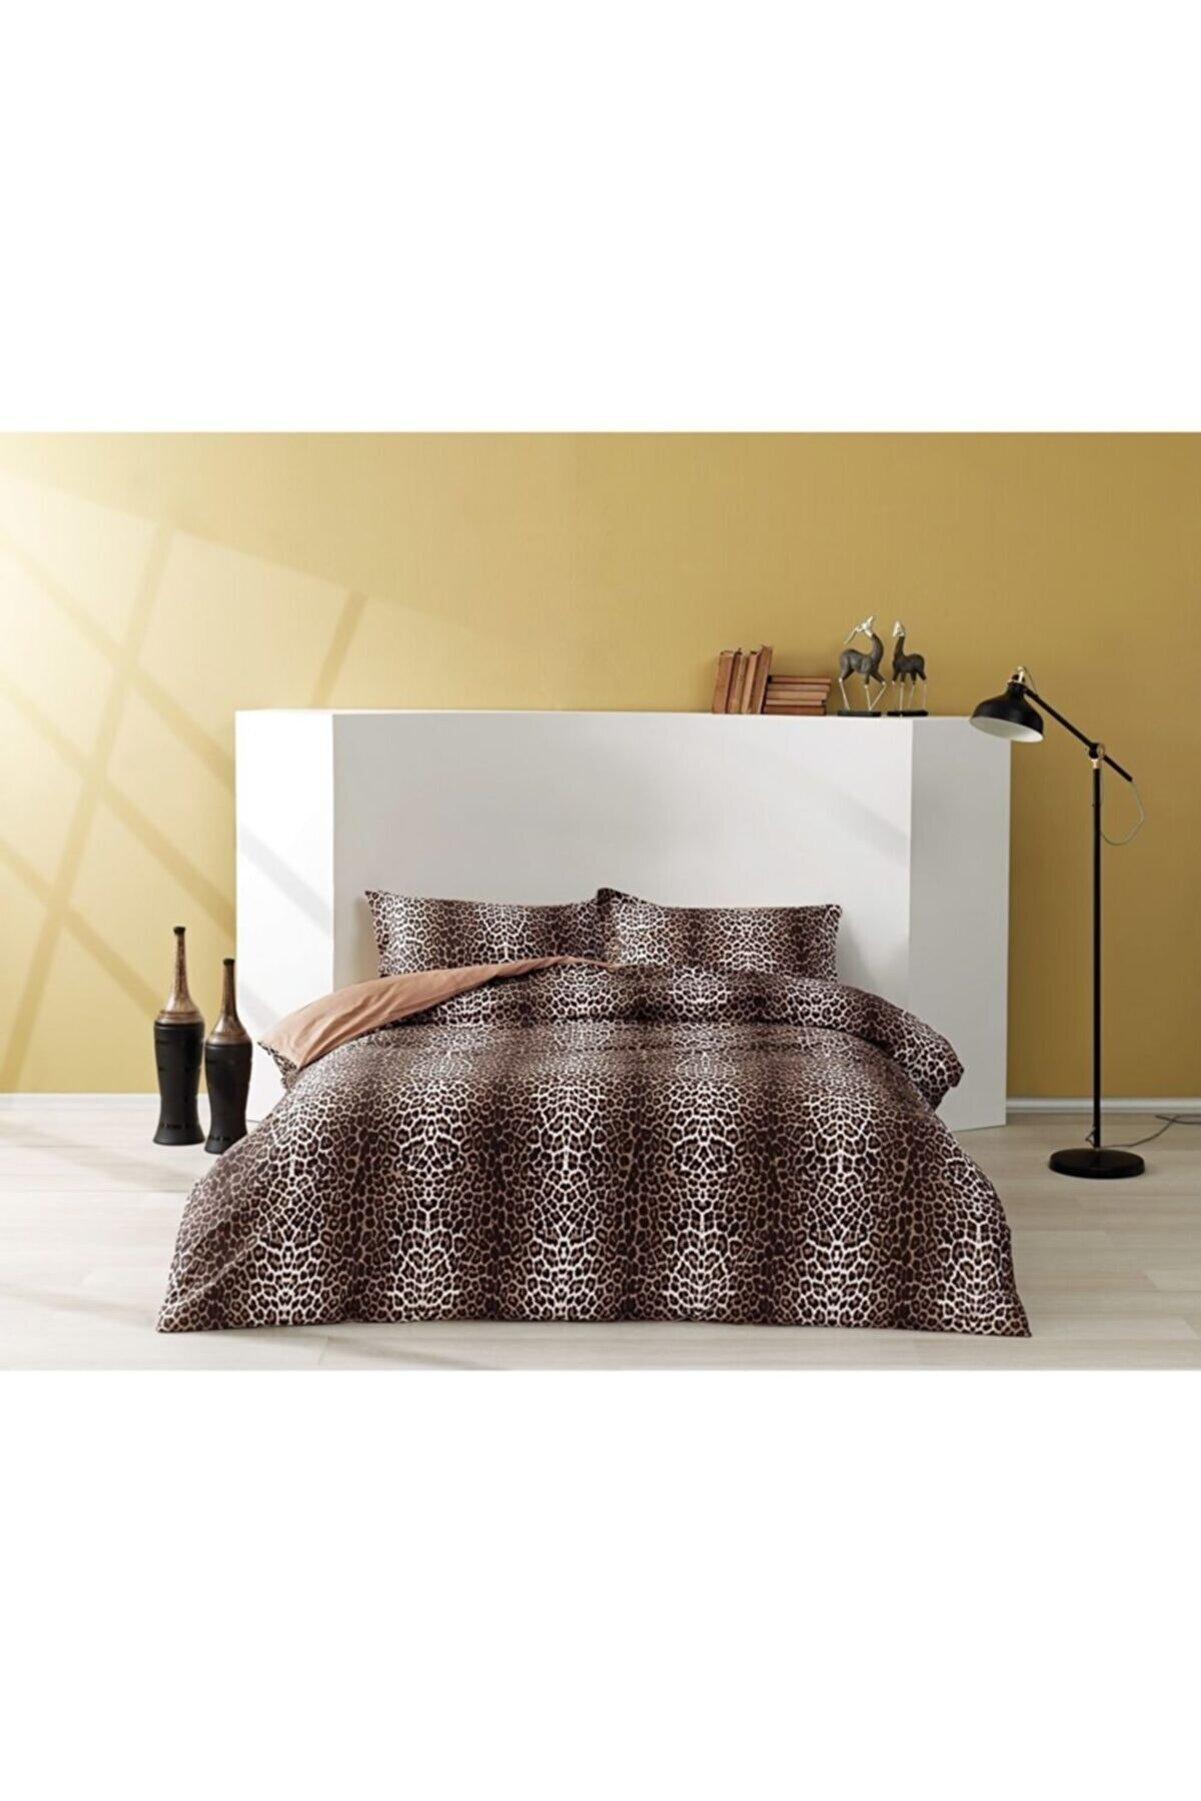 Taç Leopard Saten Çift Kişilik Nevresim Takımı Kahve